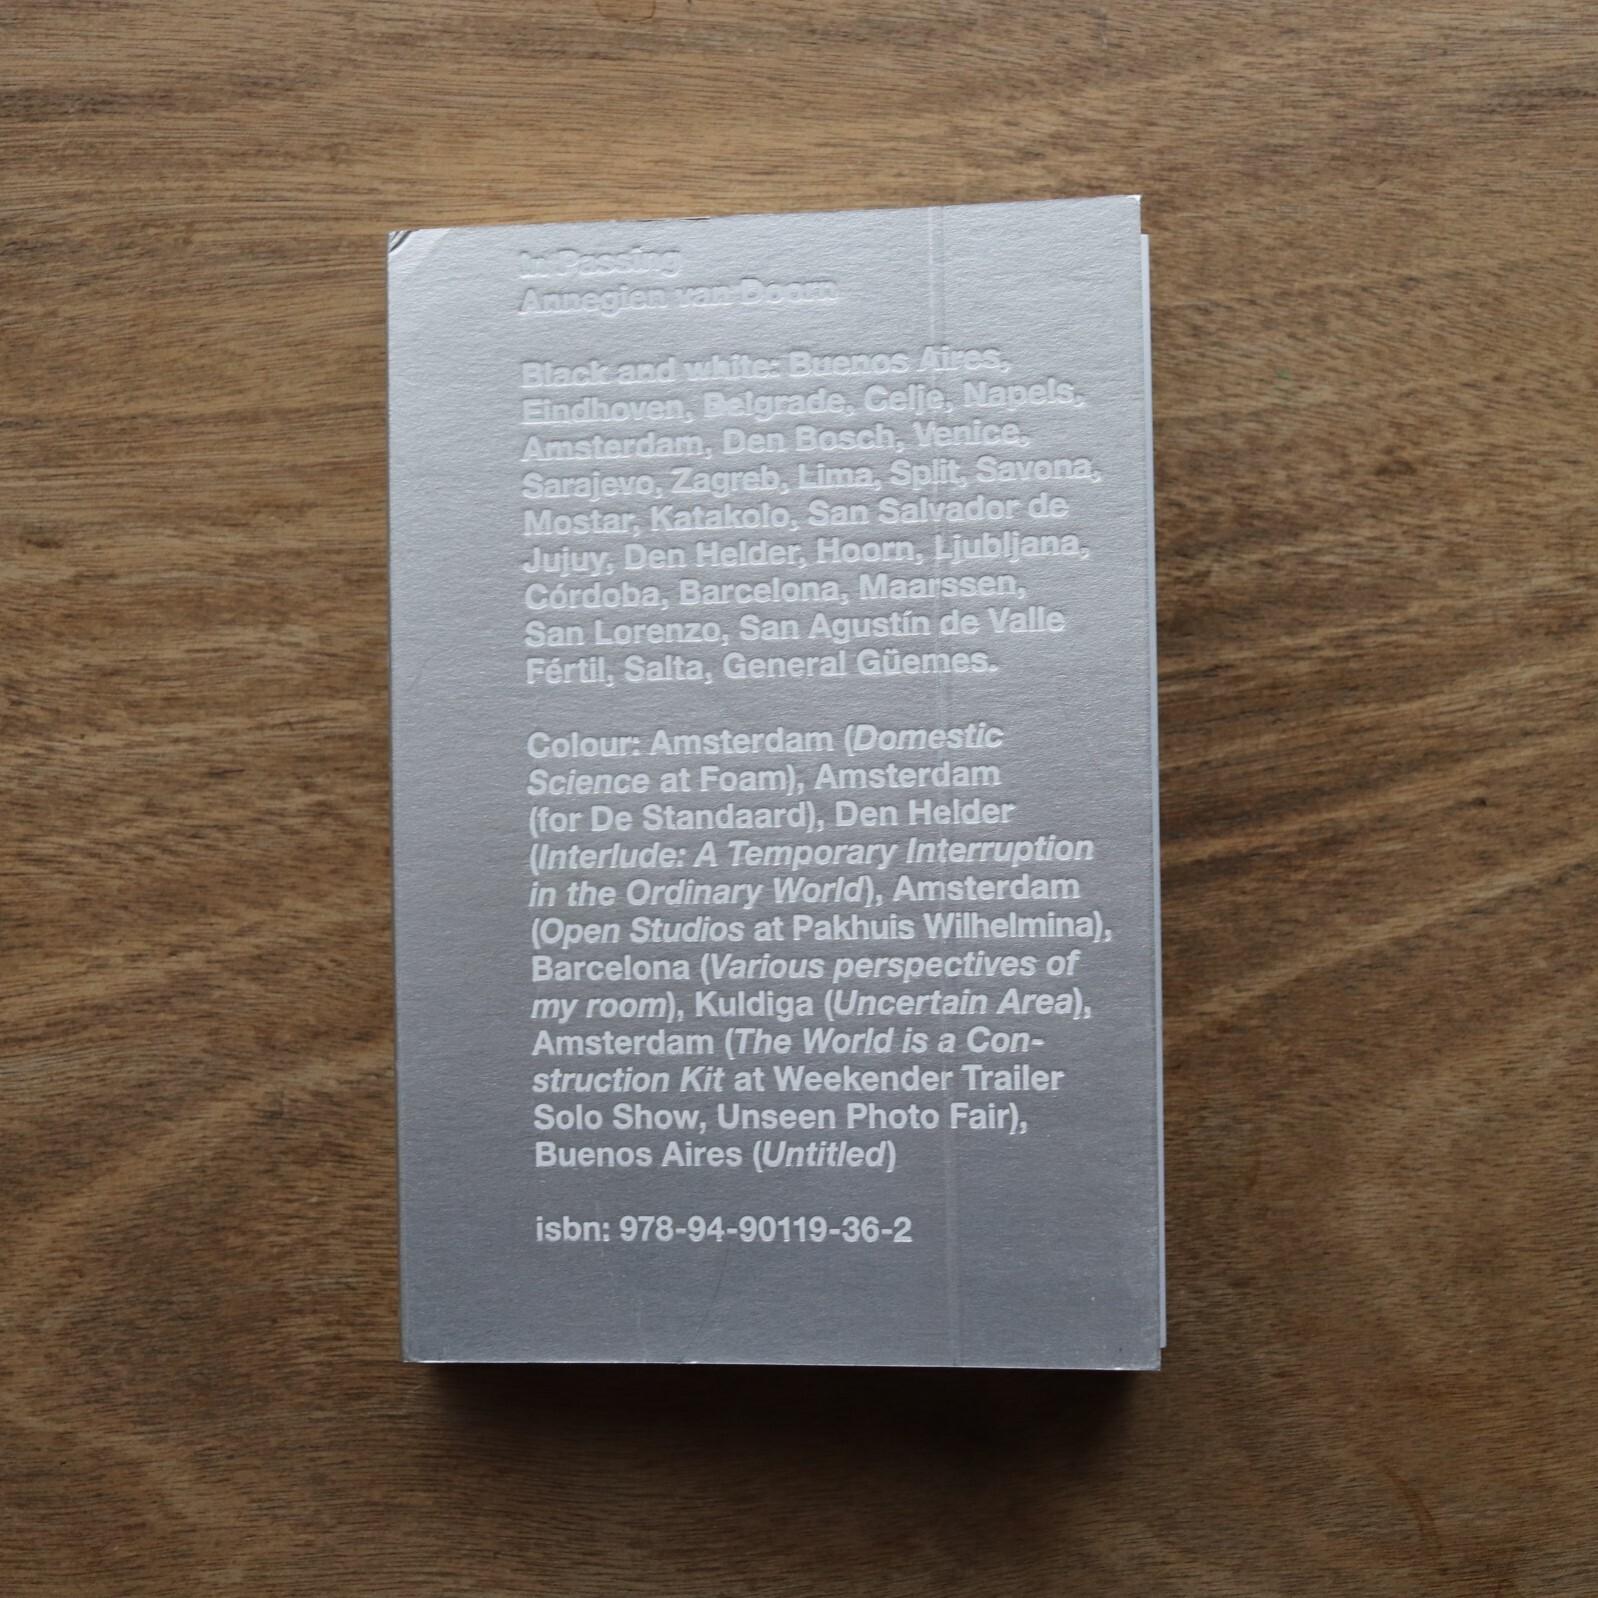 In Passing: Book / Annegien van Doorn